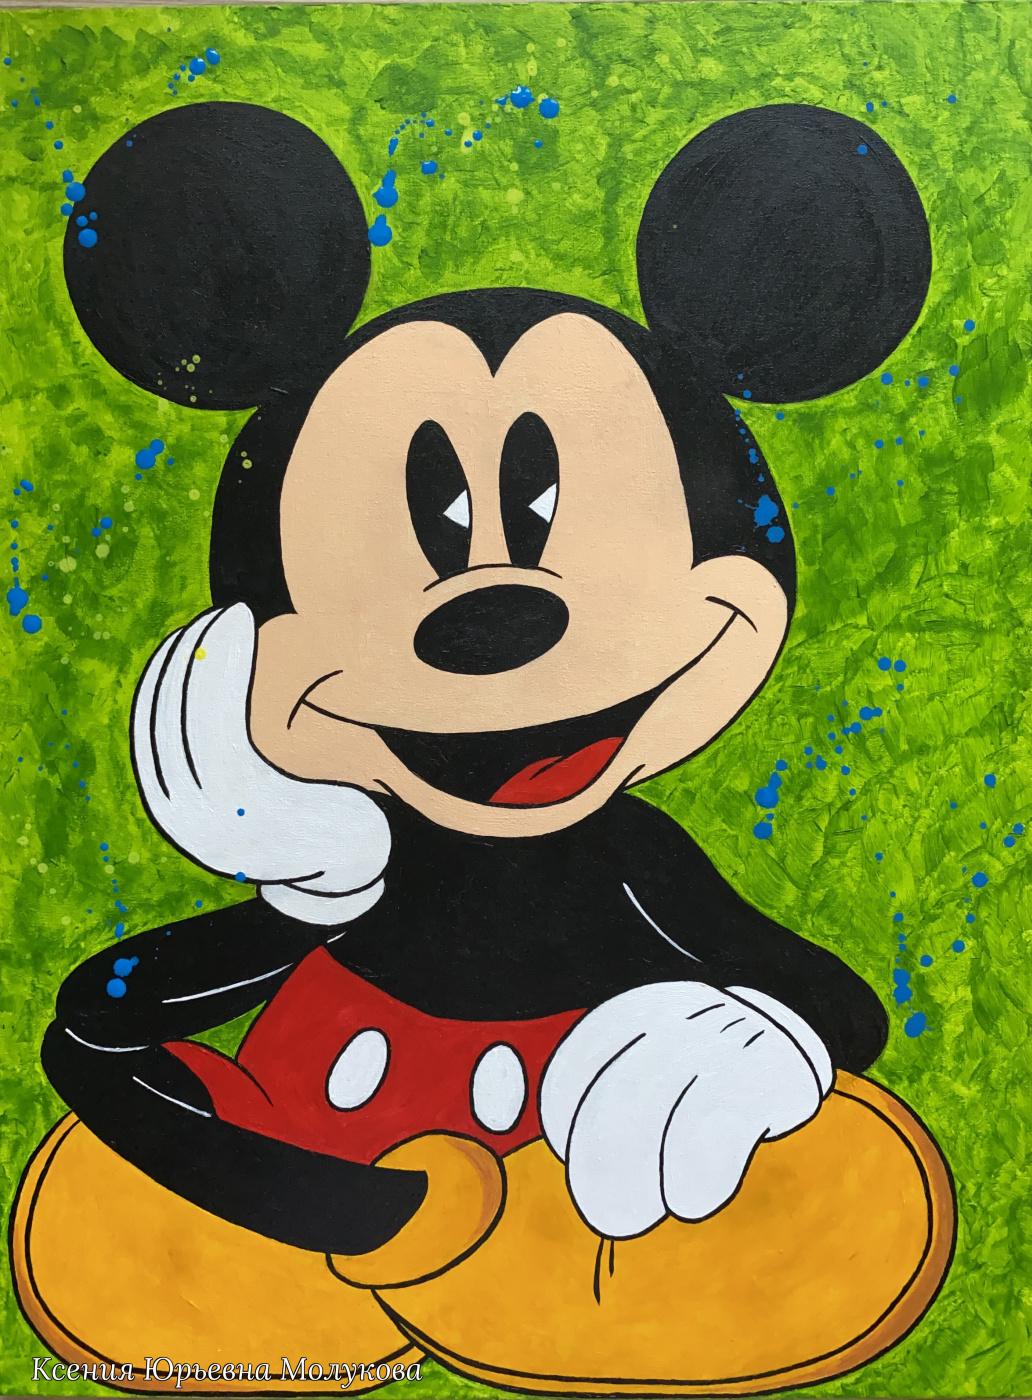 Ksenia Yurievna Molukova. Jolly Mickey Mouse